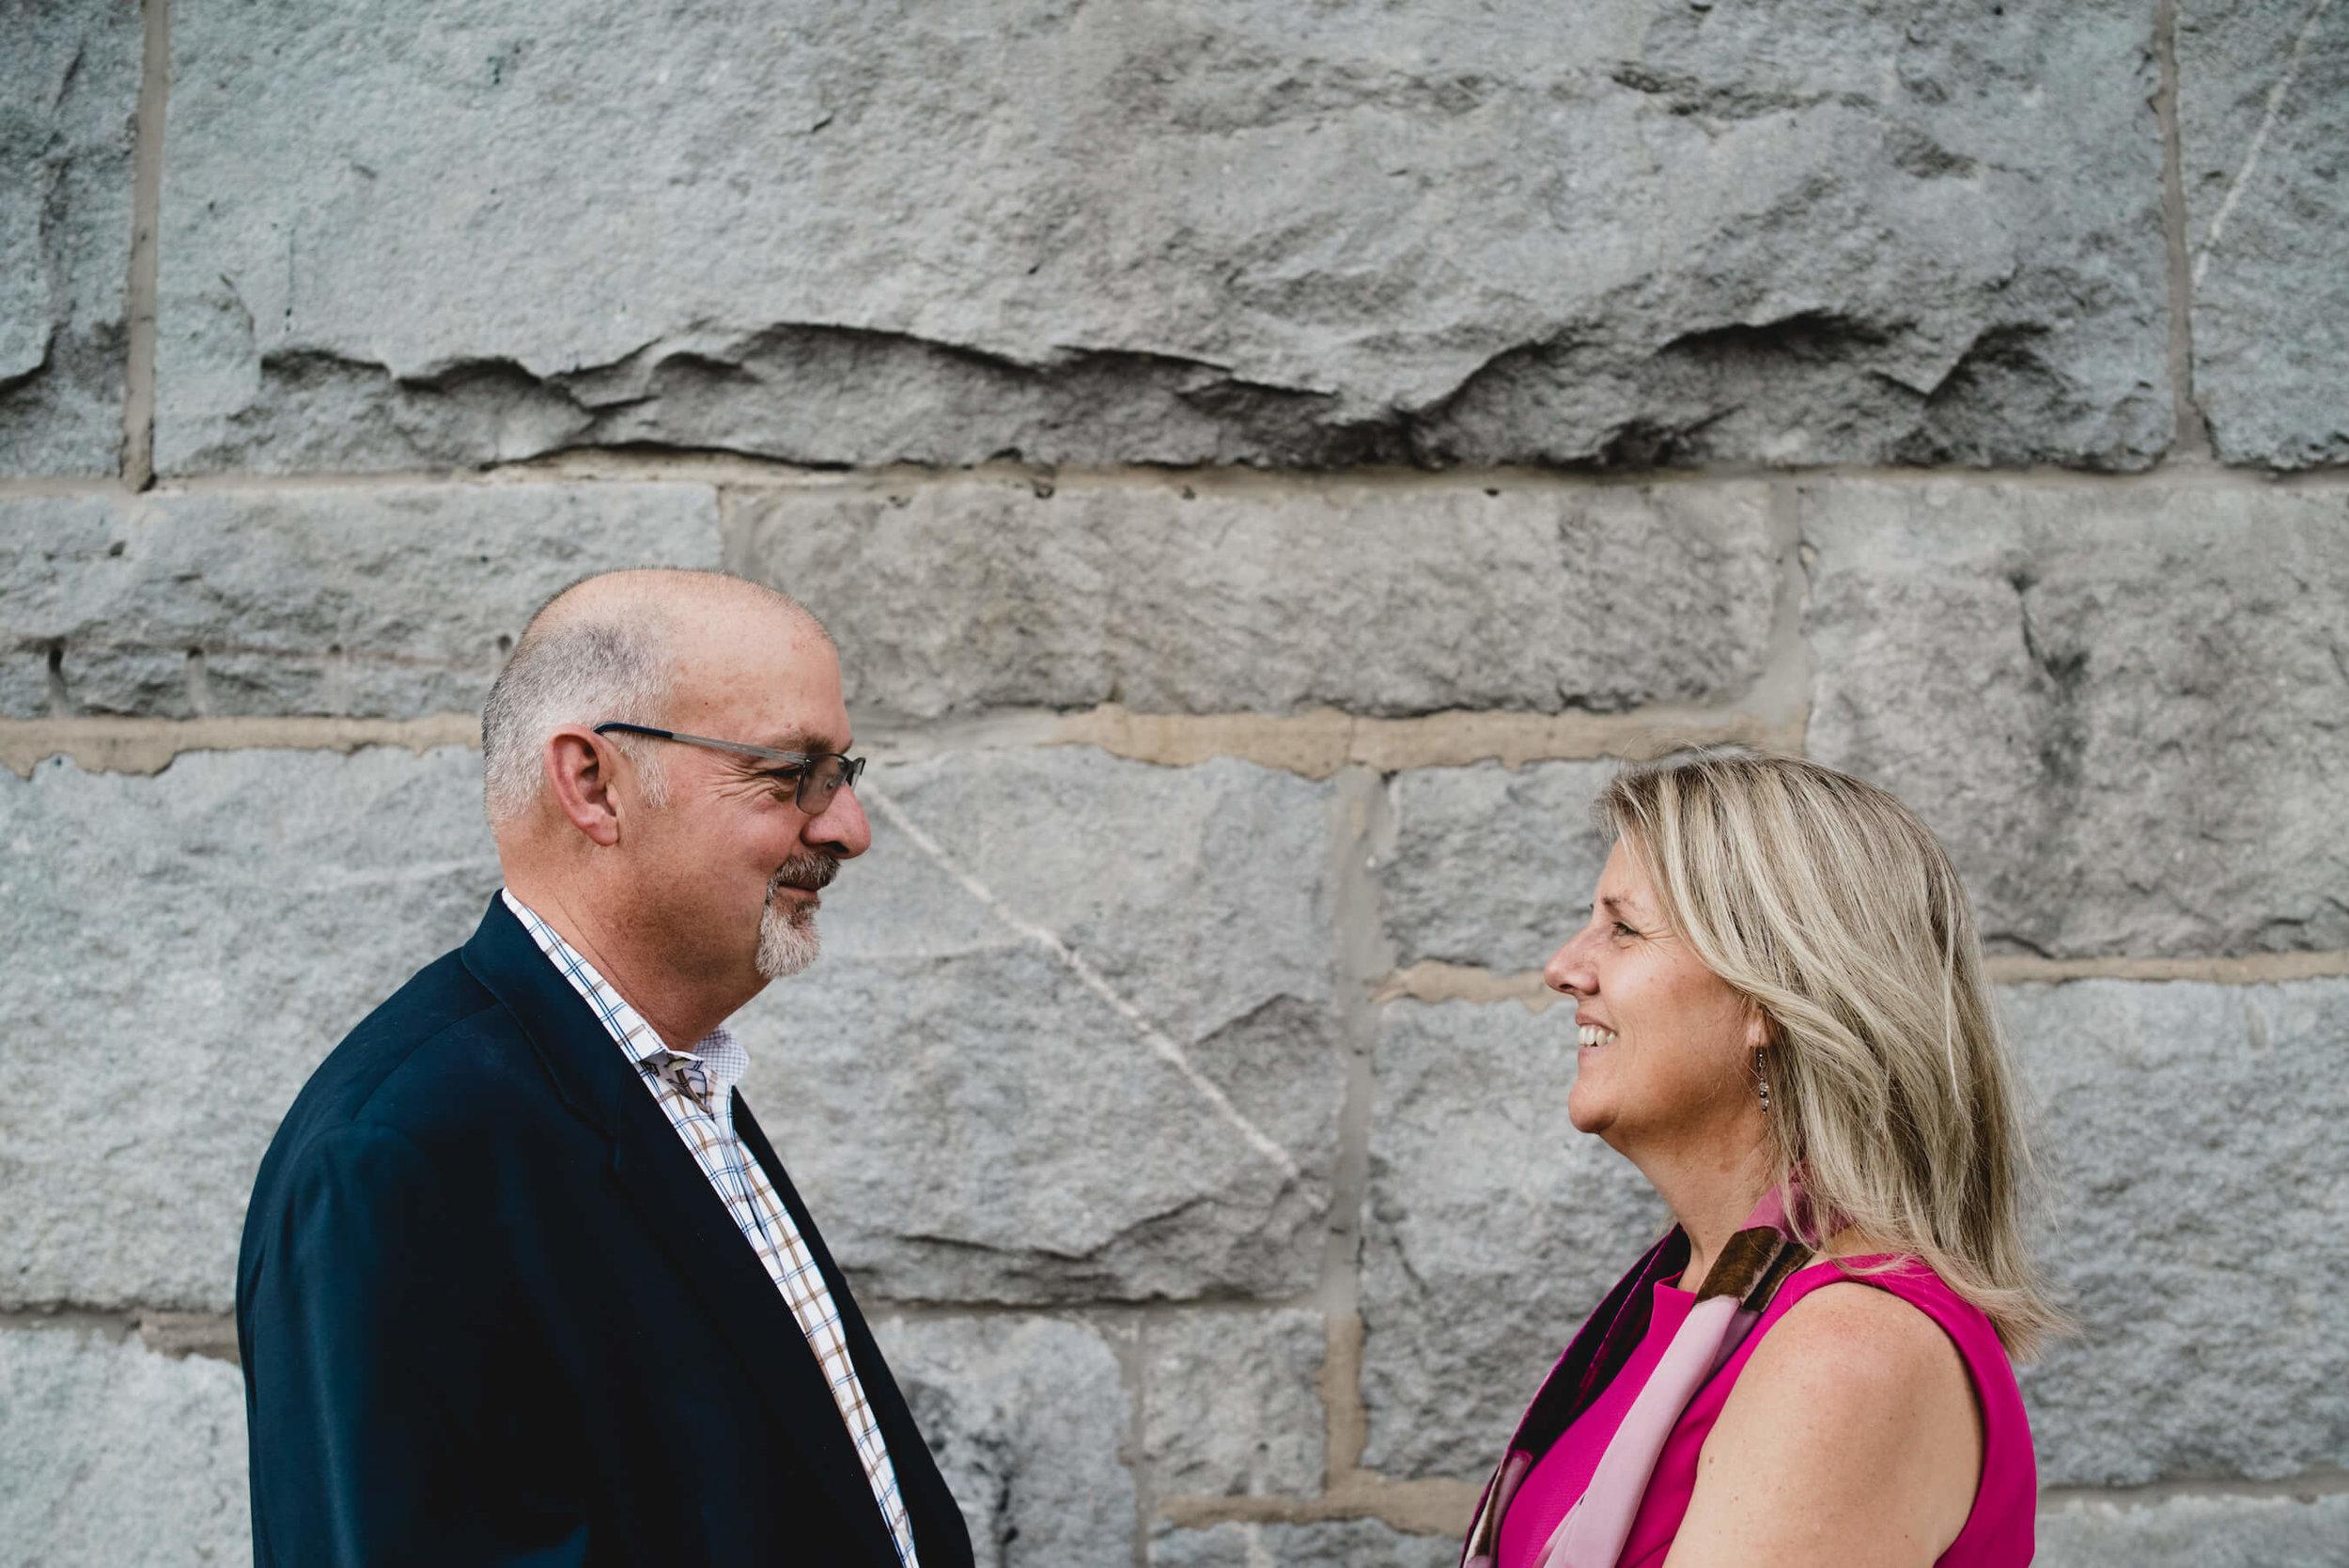 engle-olson-jimmy-kenda-wedding-trip-2018-2.jpg